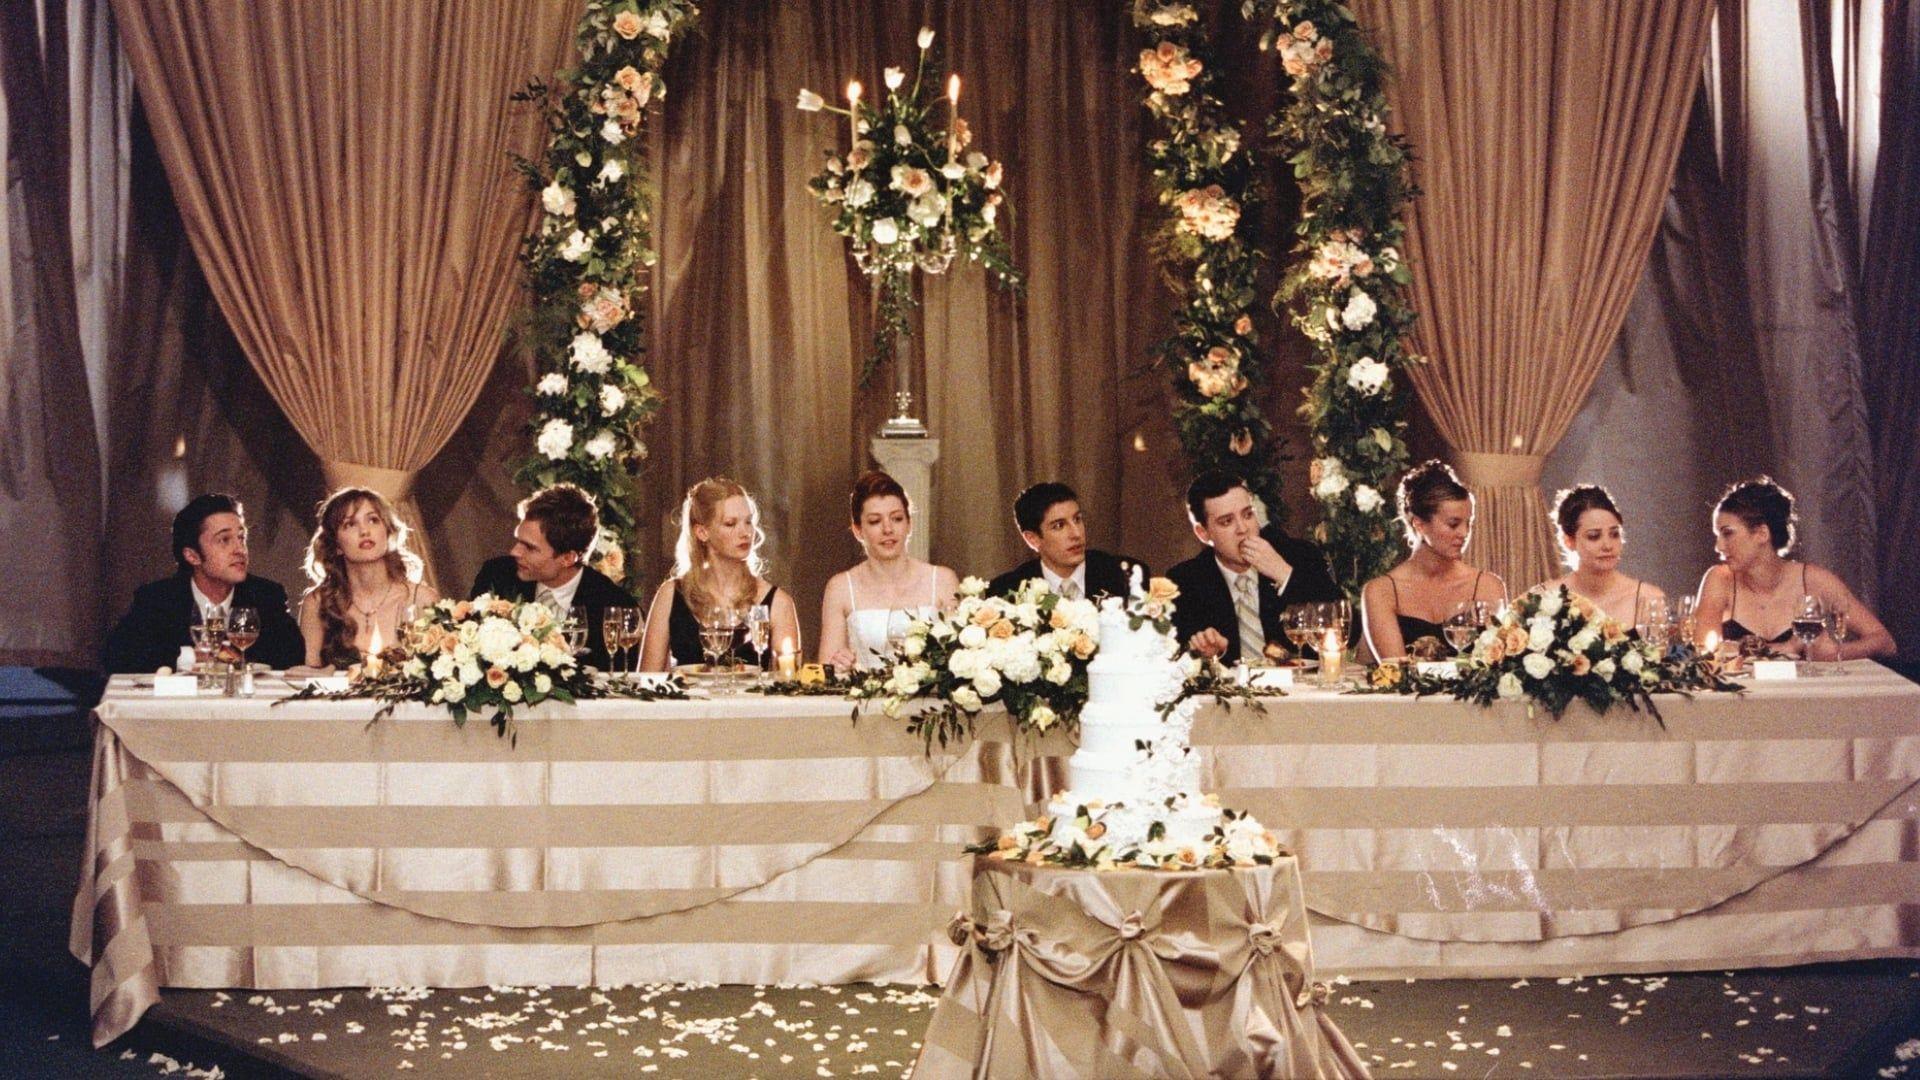 [Watch] American Wedding 𝙵𝚞𝚕𝙻 𝚖𝙾𝚅𝚒𝚎 𝐷𝑂𝑊𝑁𝑙𝑜𝑎𝑑 𝑖𝑛 𝐻𝐷 𝑠𝑢𝑏